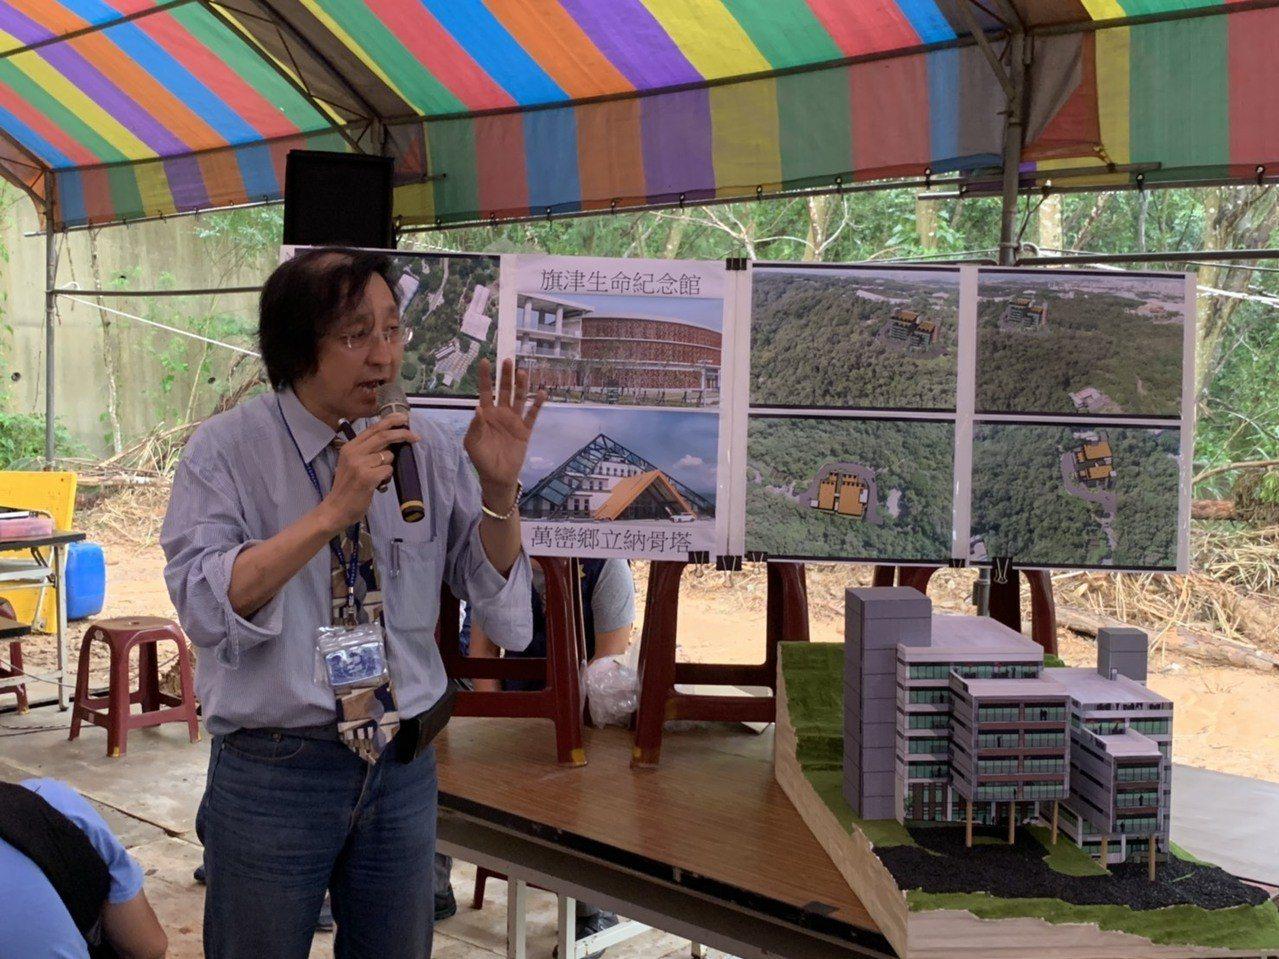 建築師向民眾說明新建工程。記者陳斯穎/攝影